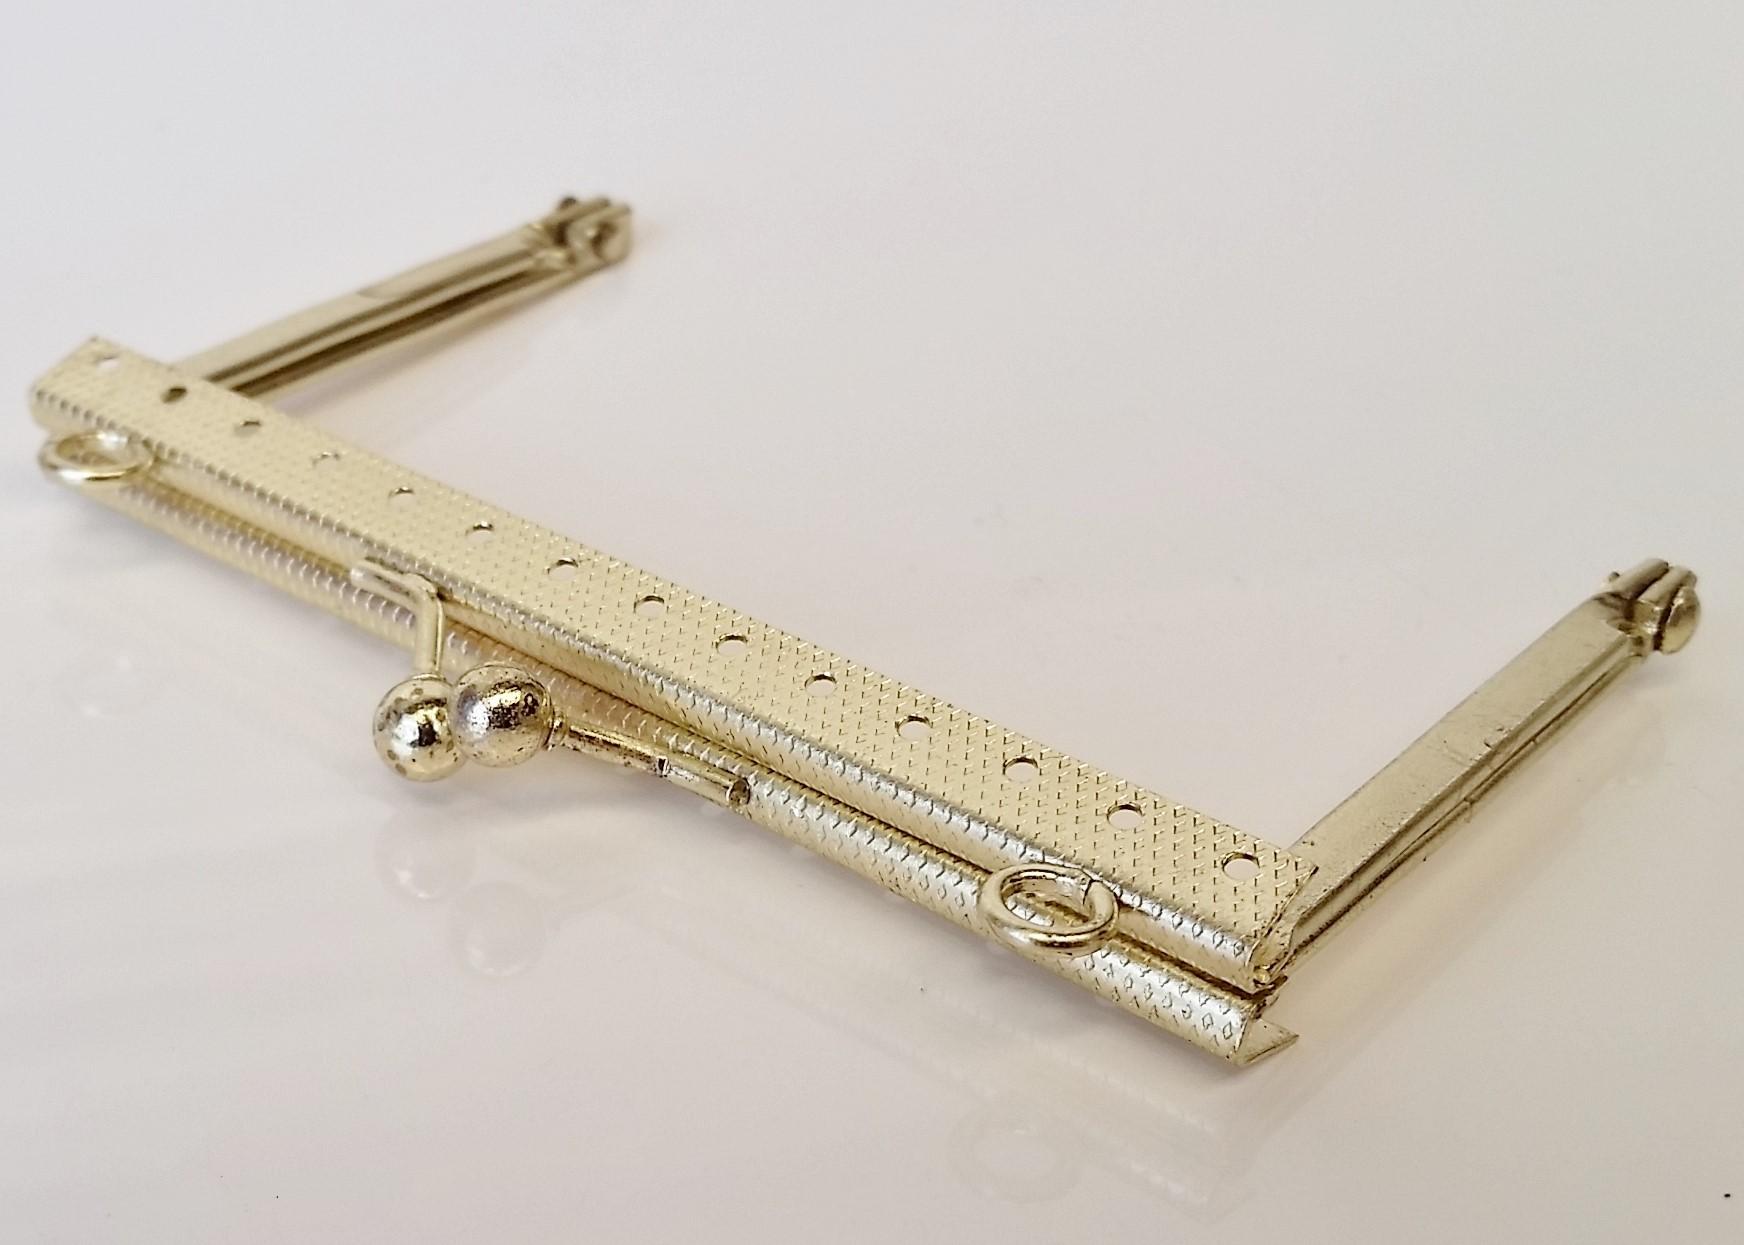 Armação 10cm x 6cm Gravada c/ furos e argolas Latonada